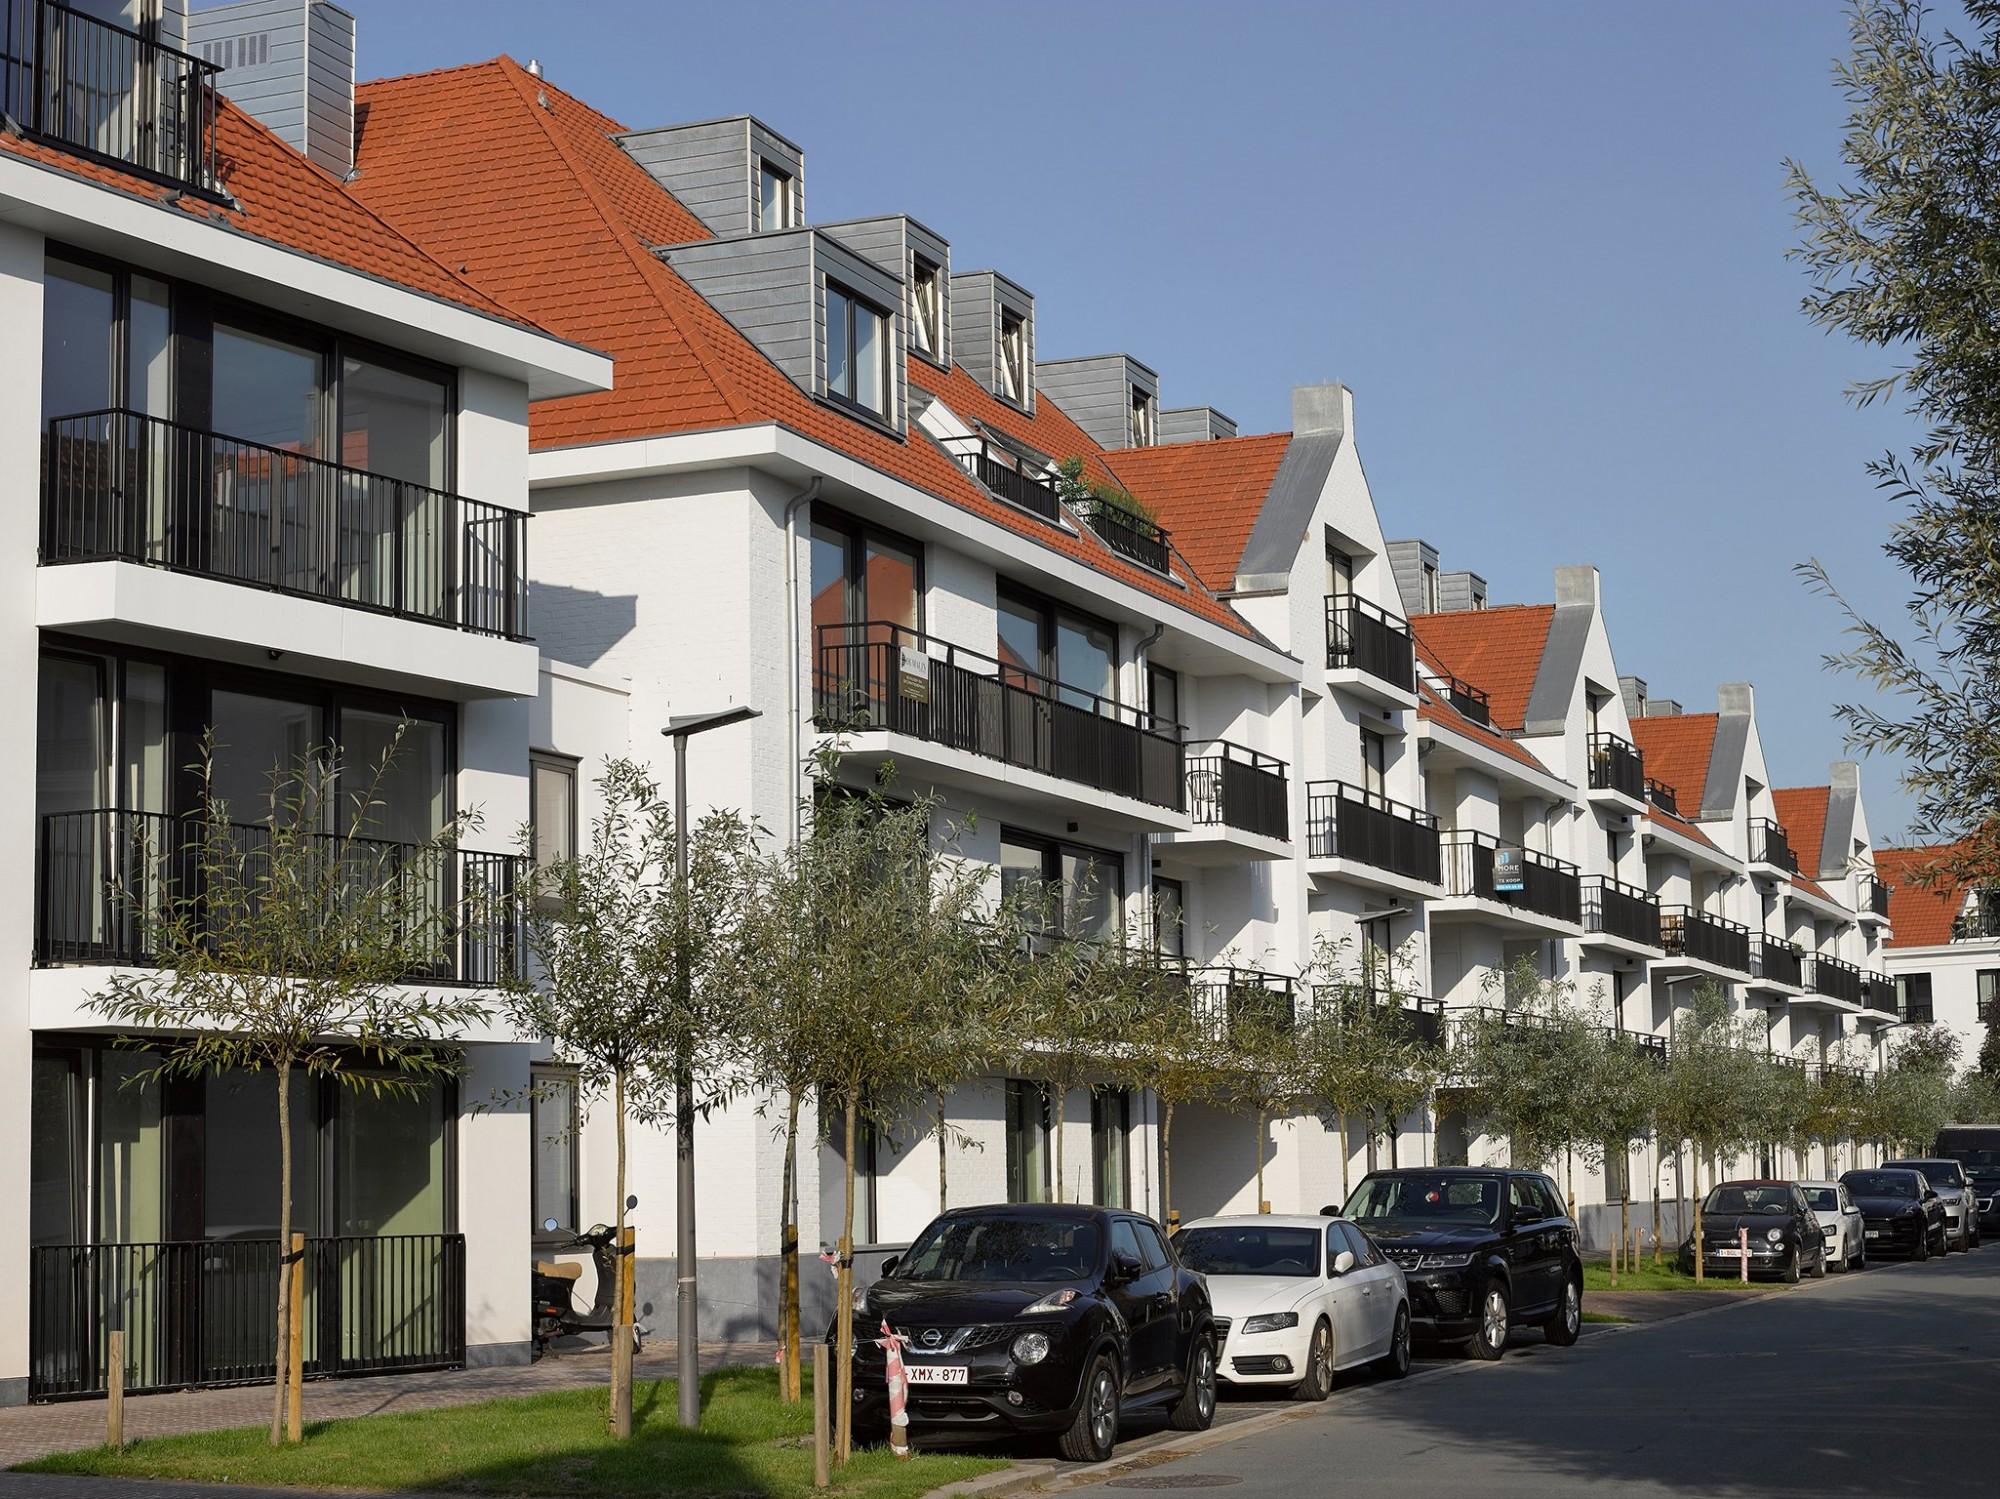 Afbeelding: Architectuur fotografie project Duinenwater te Knokke voor © mertens architecten, foto Van Huffel.